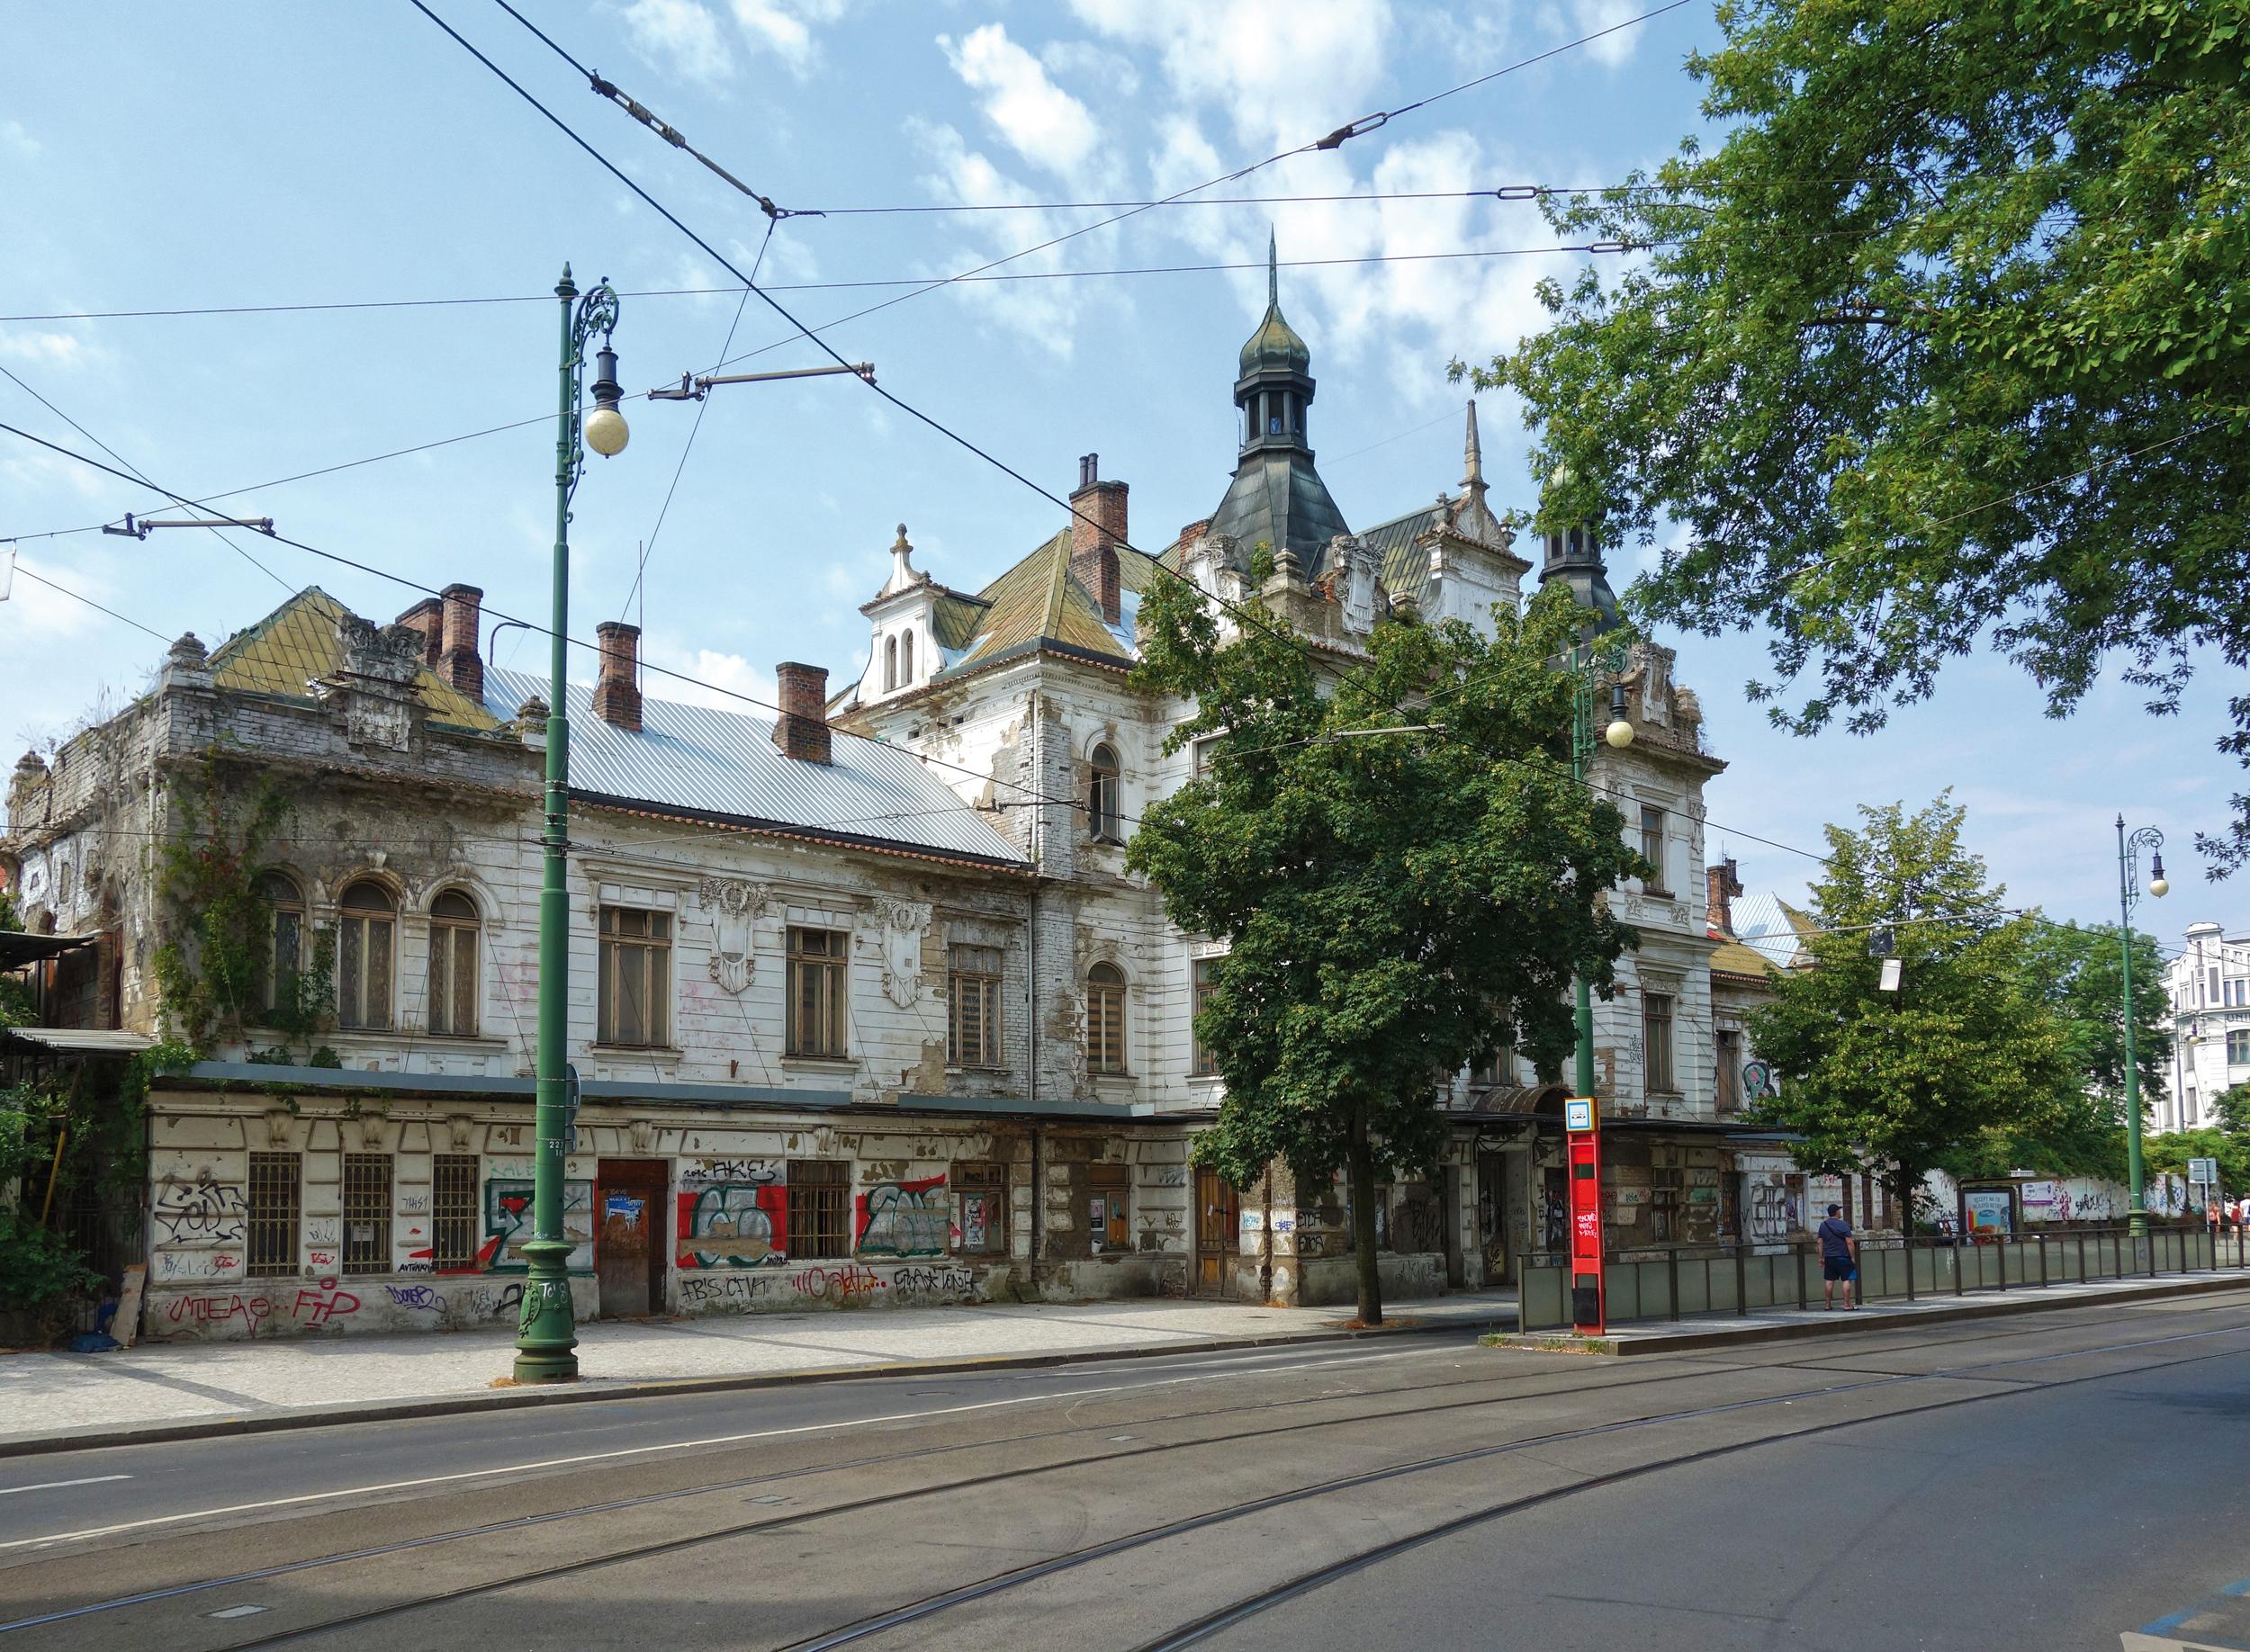 Petice za záchranu nádraží Vyšehrad